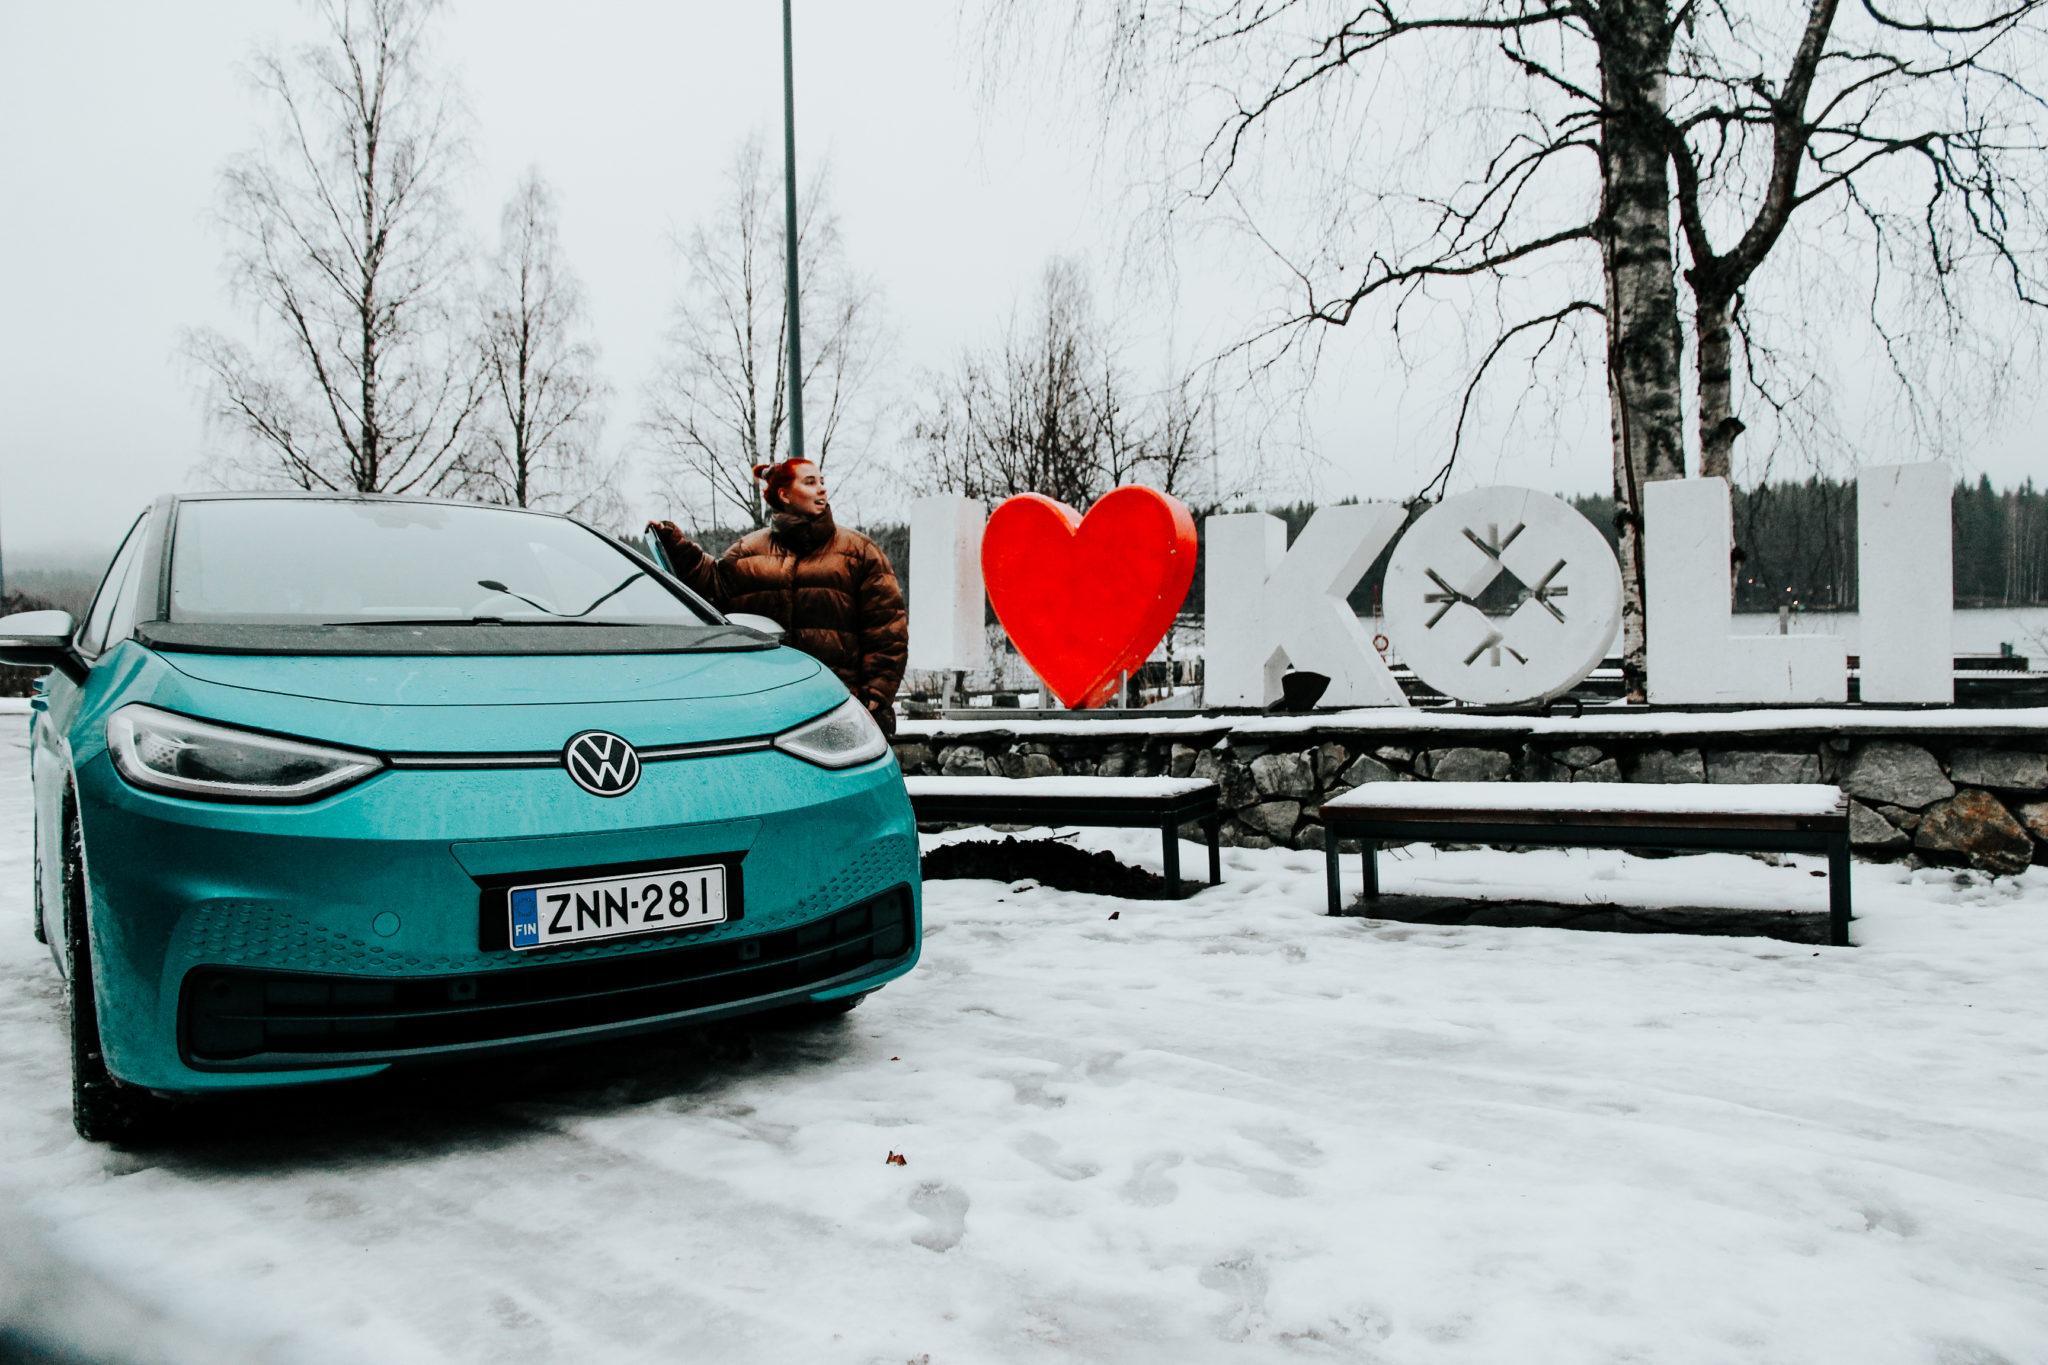 Sähköautolla talvella kolille